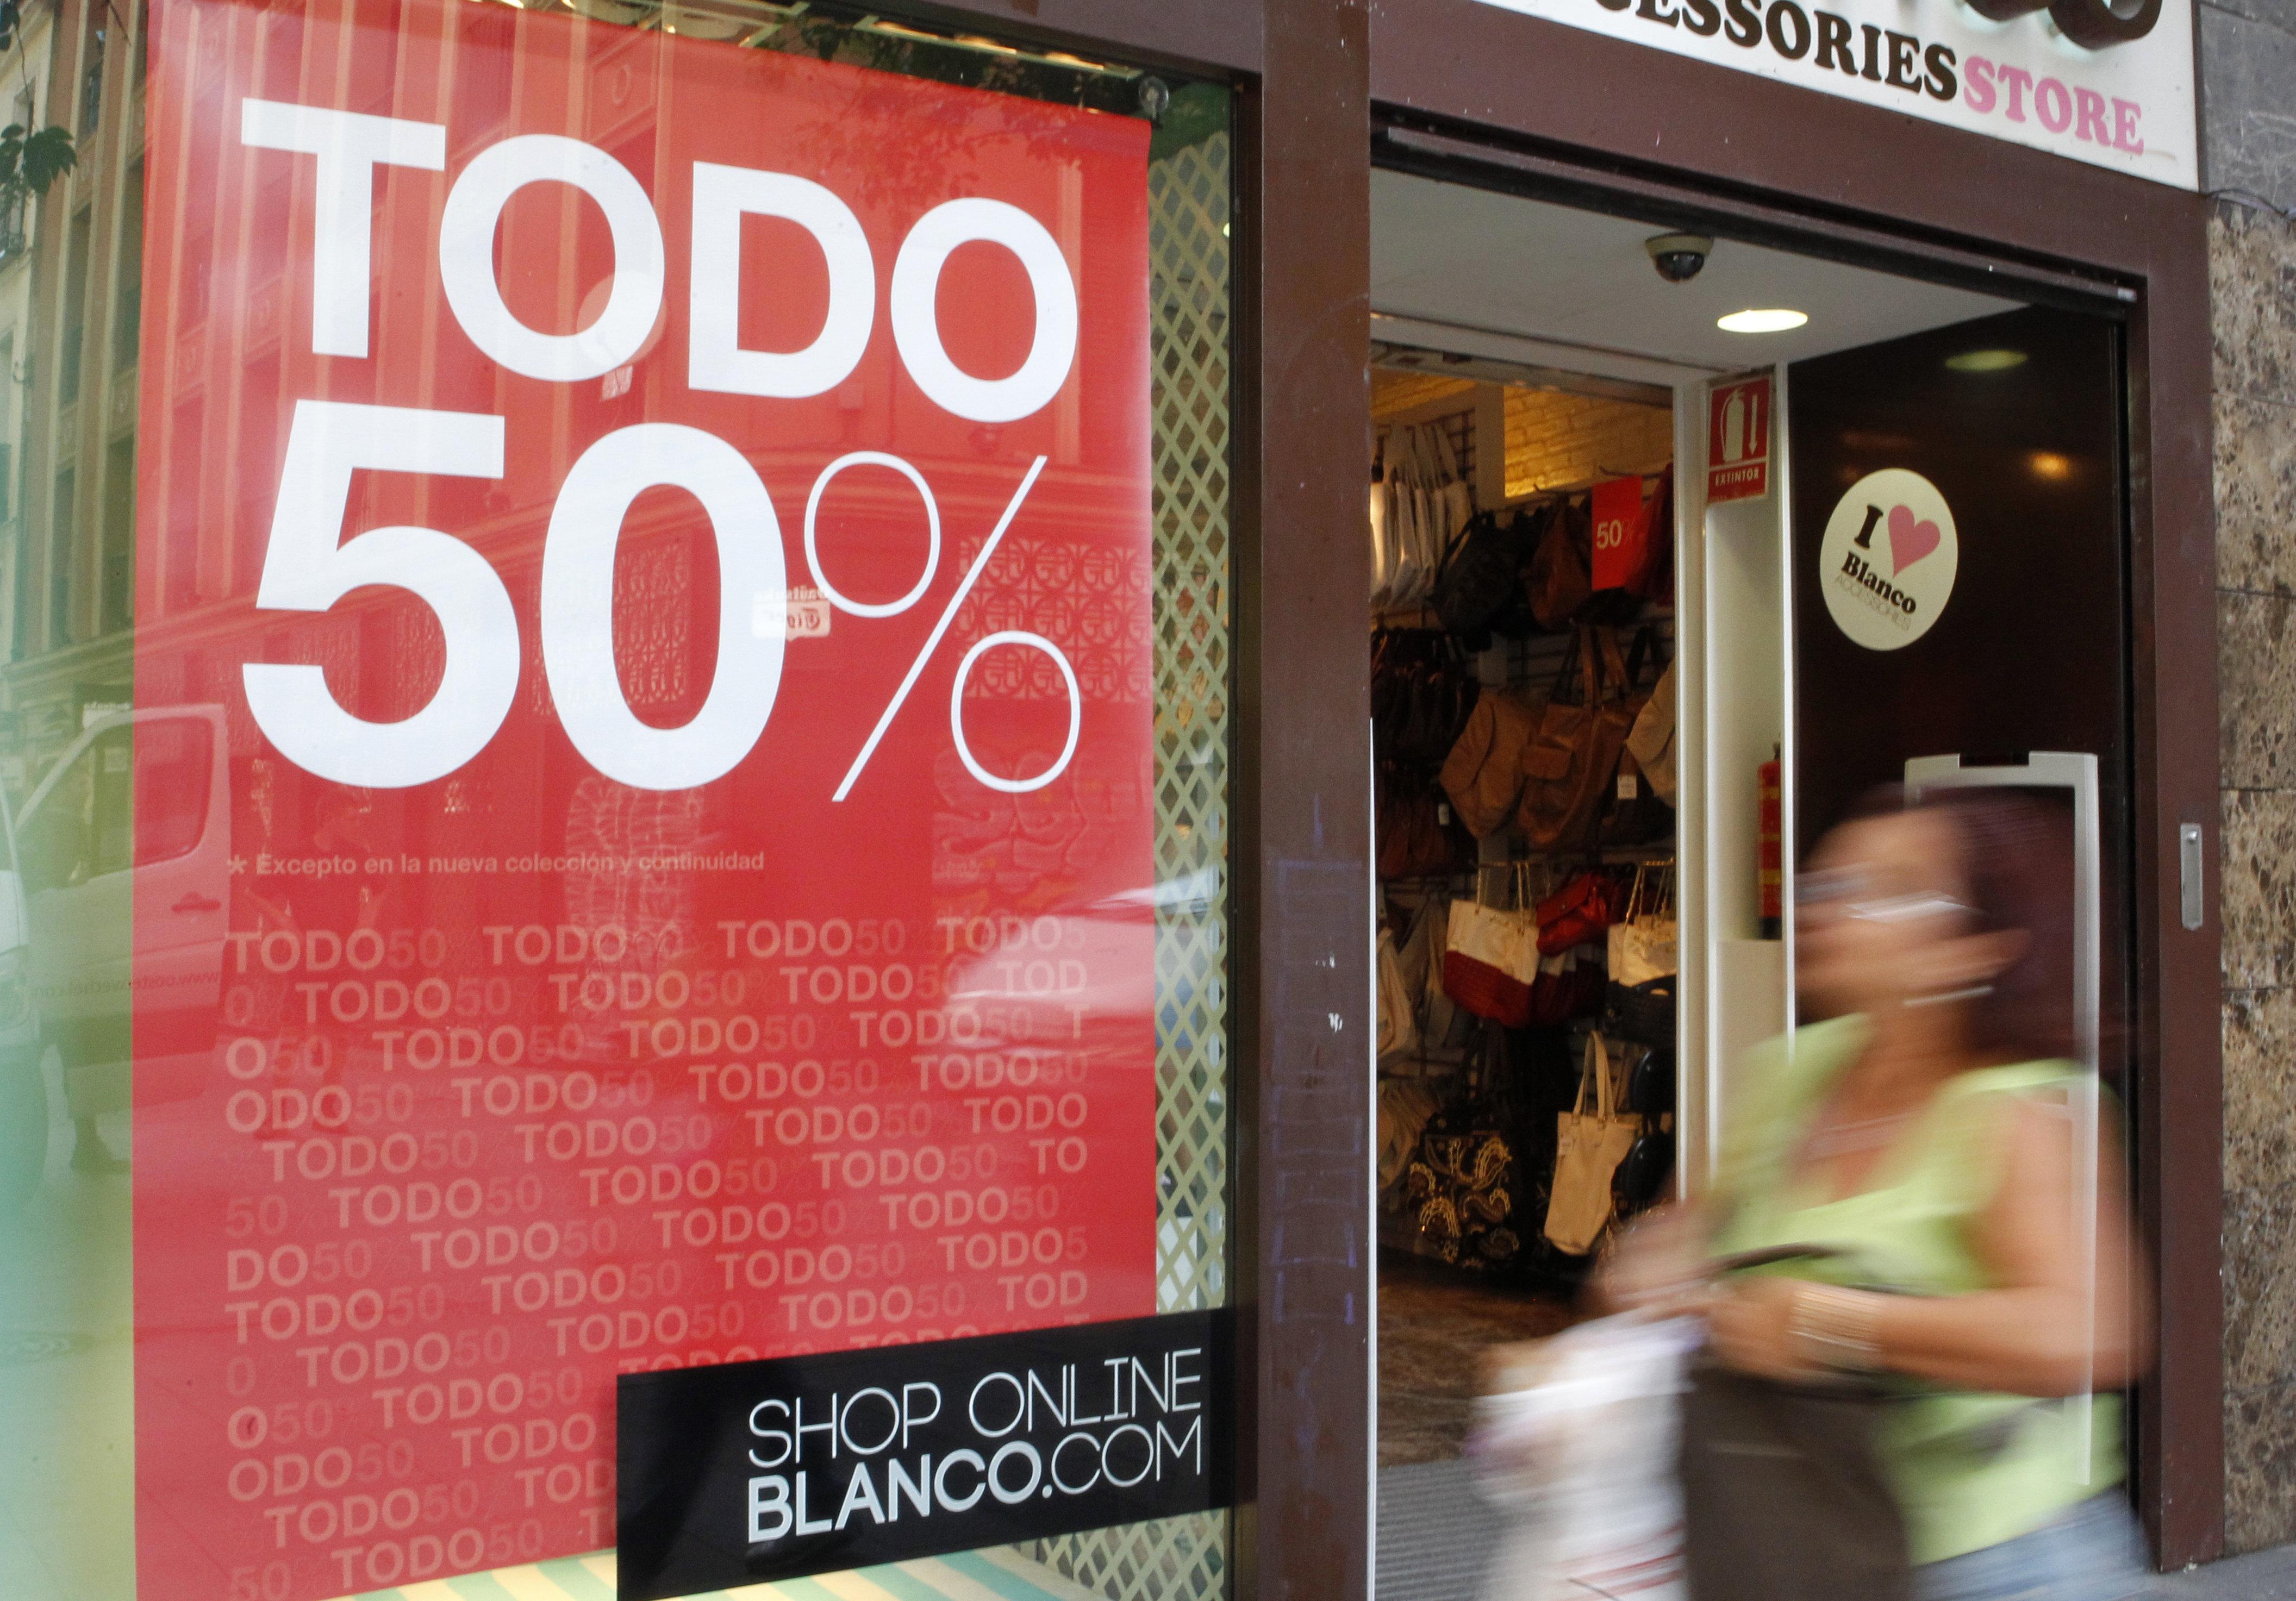 Los españoles gastarán una media de 72 euros en rebajas, el 20 por ciento más que en 2012